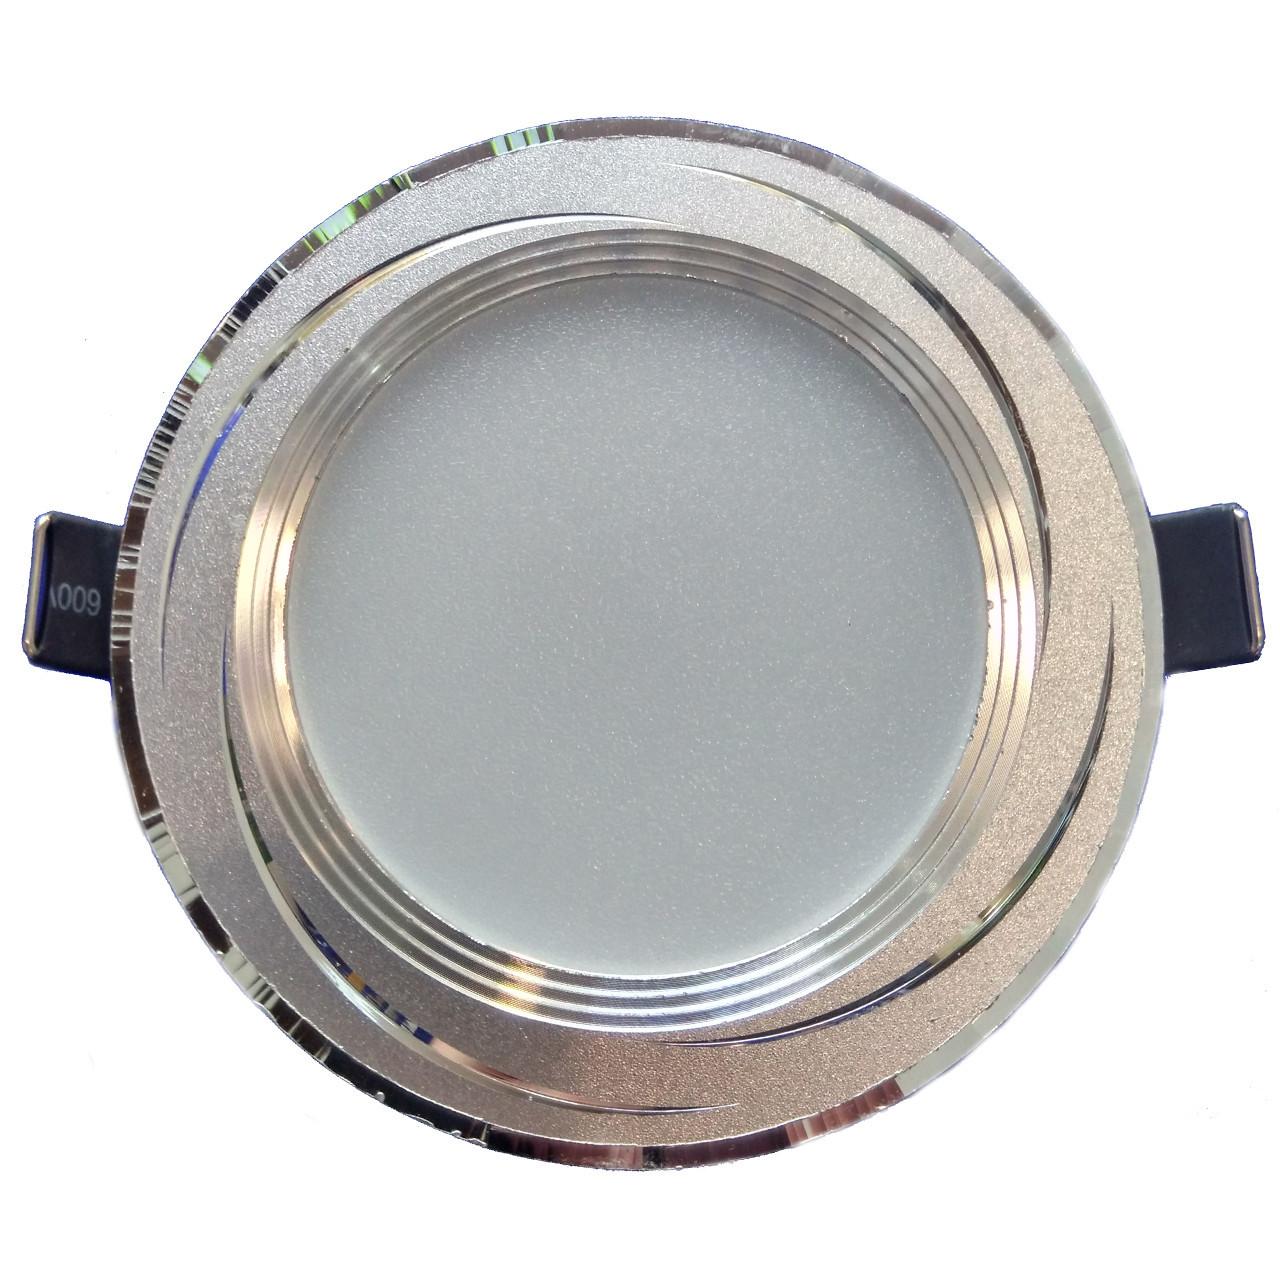 Led точечный потолочный светильник 5W 4500K круг Lemanso